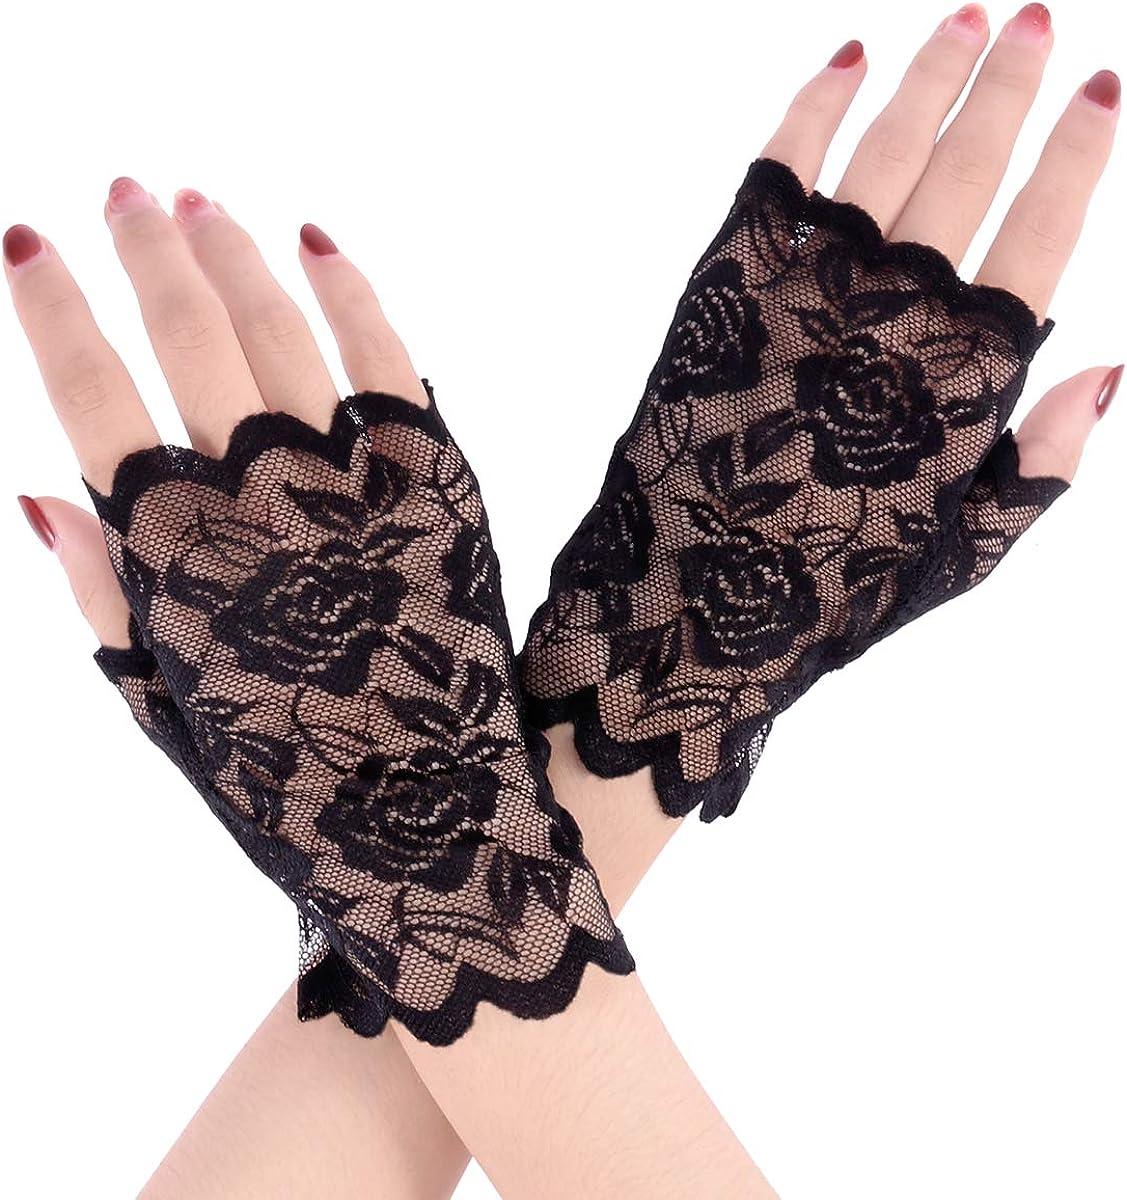 Color : Black, Size : One Size der d/ünne Handschuhe antreibt Outdoor UV-Schutz Damen-Sonnenschutz-Halbfingerhandschuhe UV-Schutz-Handschutz Sonnenschutz-Handschuhe